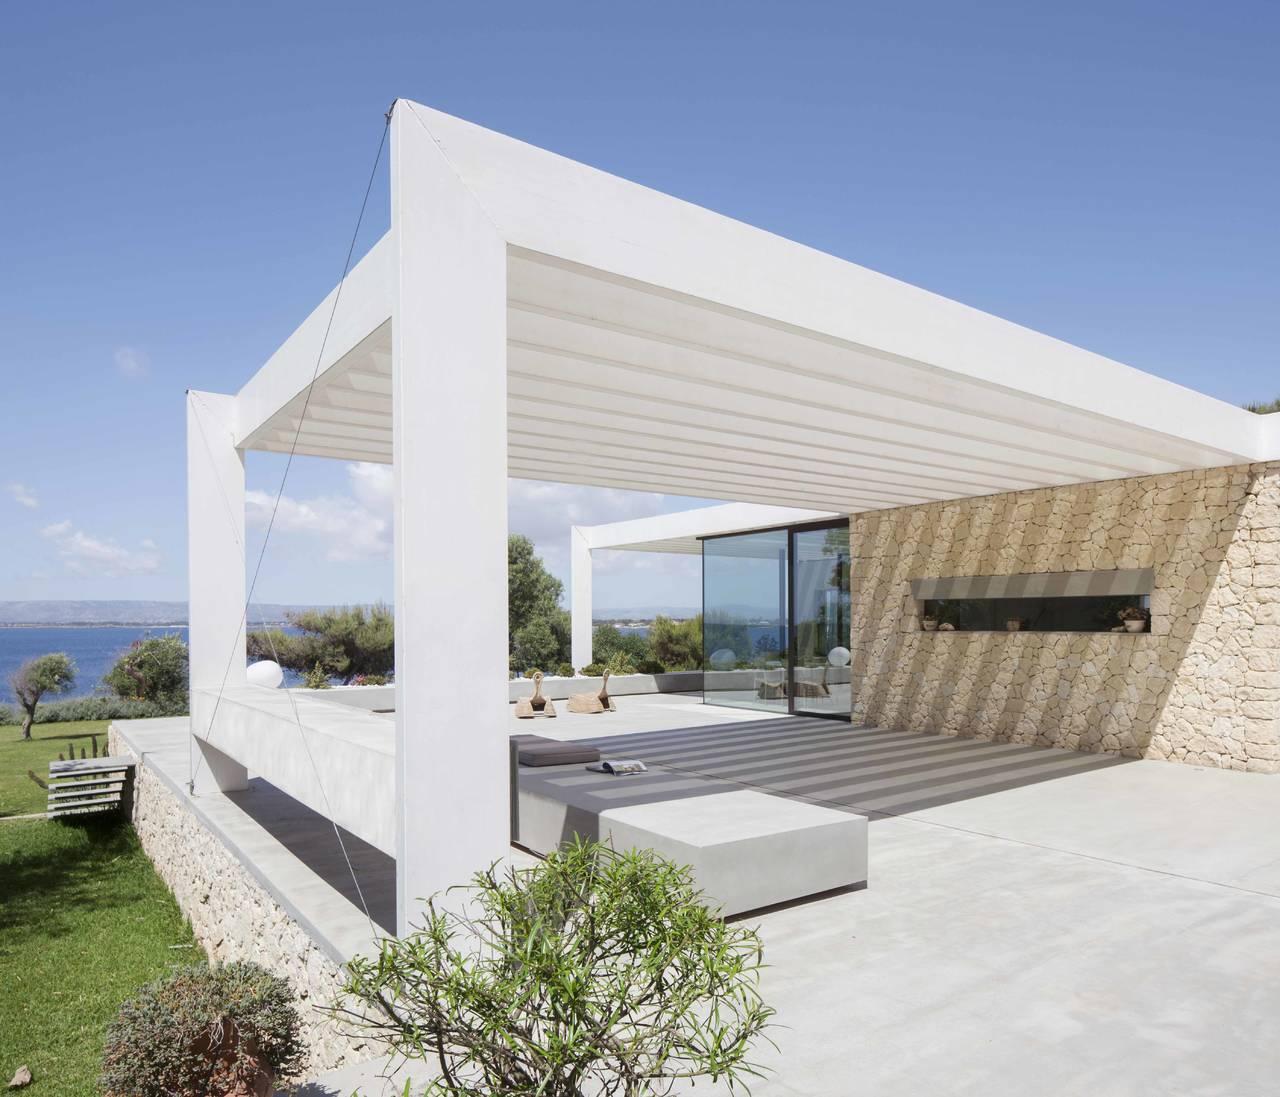 Sch co per una villa in sicilia progetto by studio iraci for Costruisci il tuo progetto di casa